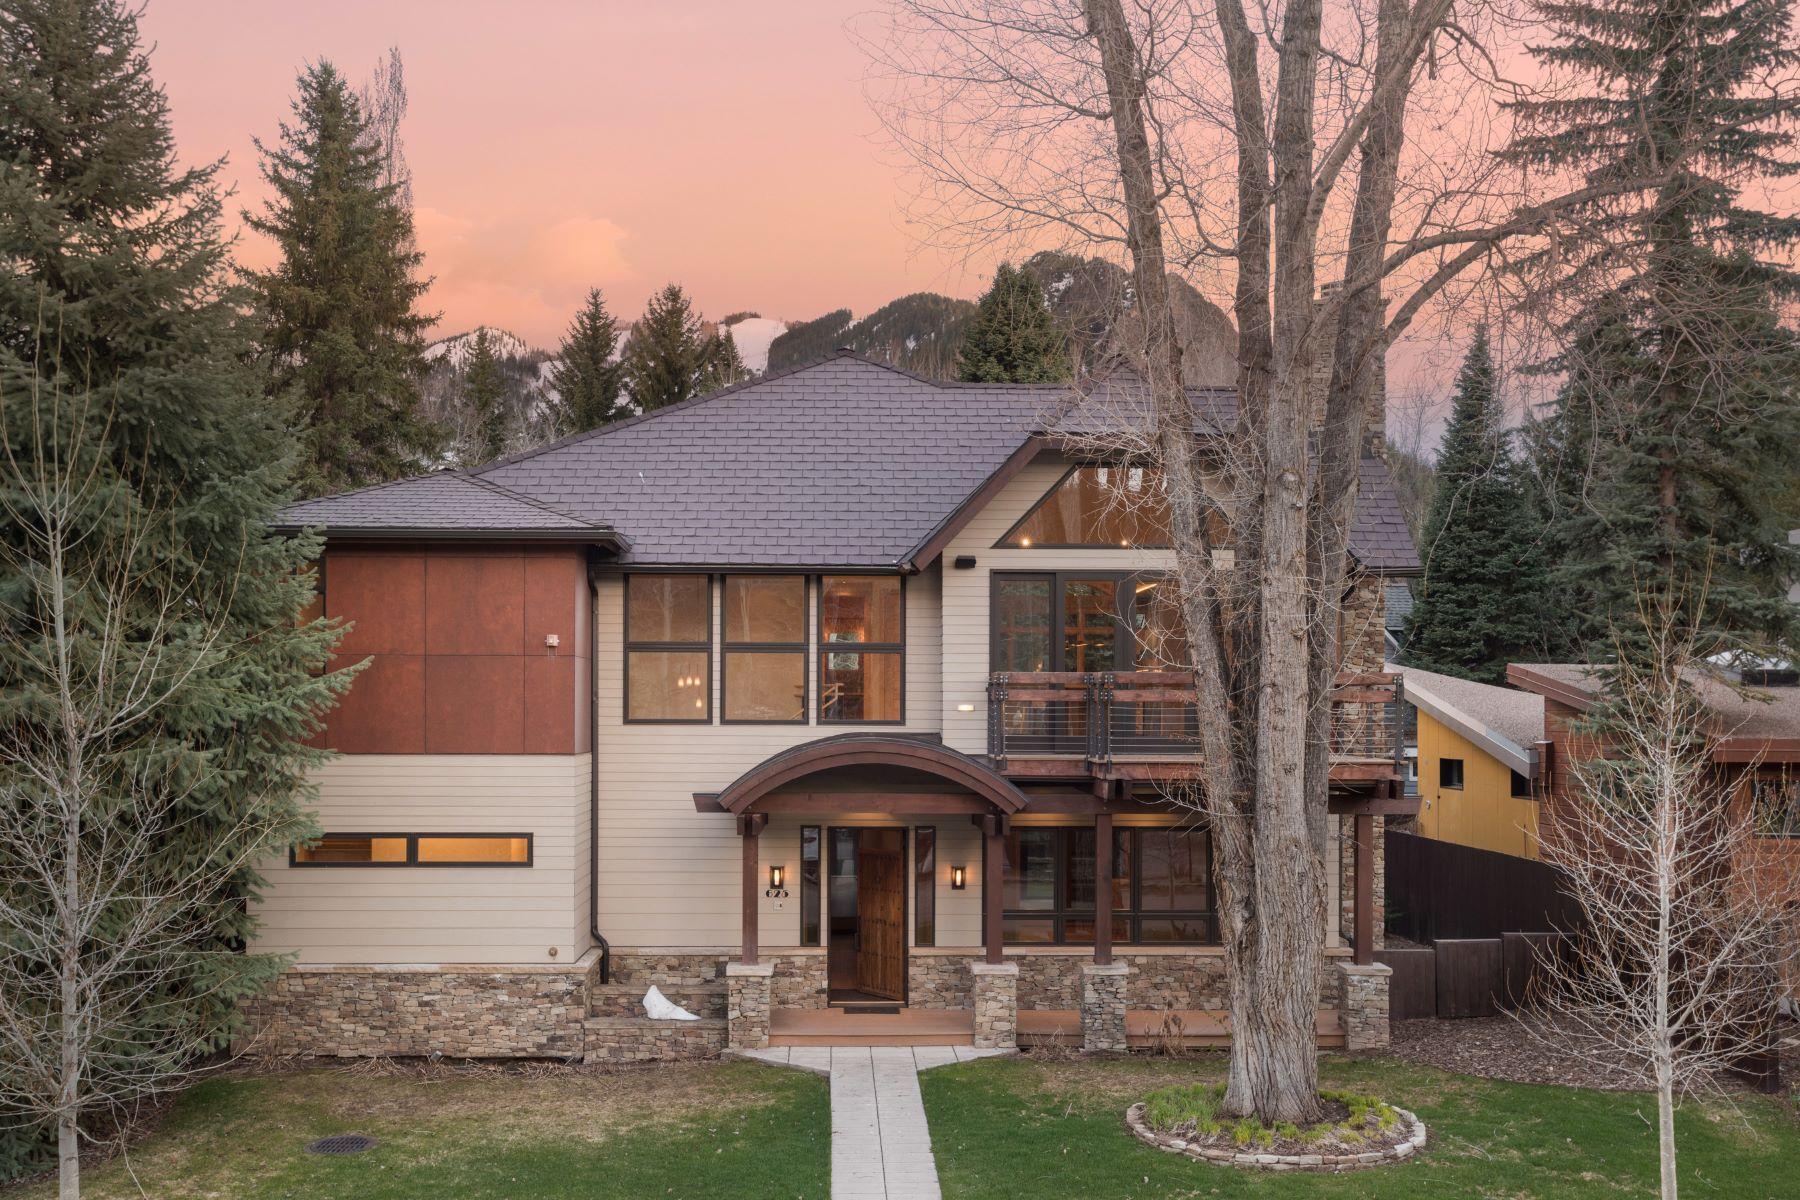 Частный односемейный дом для того Продажа на Enticing West End Contemporary 625 Gillespie Street West End, Aspen, Колорадо, 81611 Соединенные Штаты